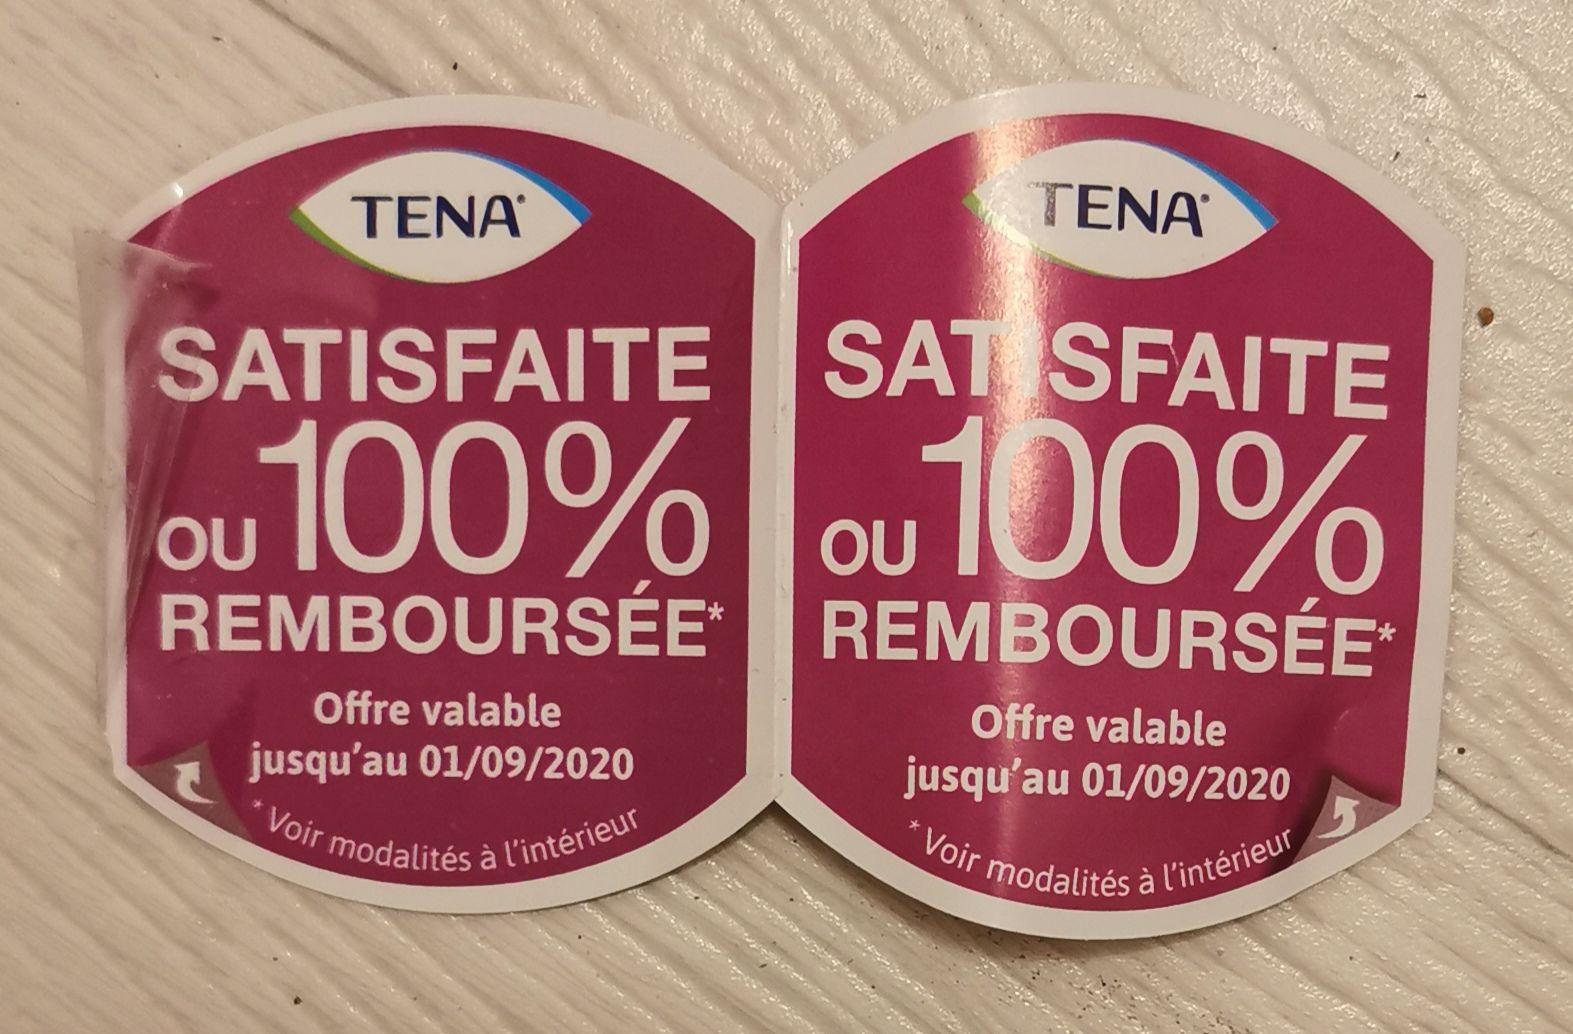 Paquet de serviettes hygiéniques Tena discreet 100% remboursé (via ODR)